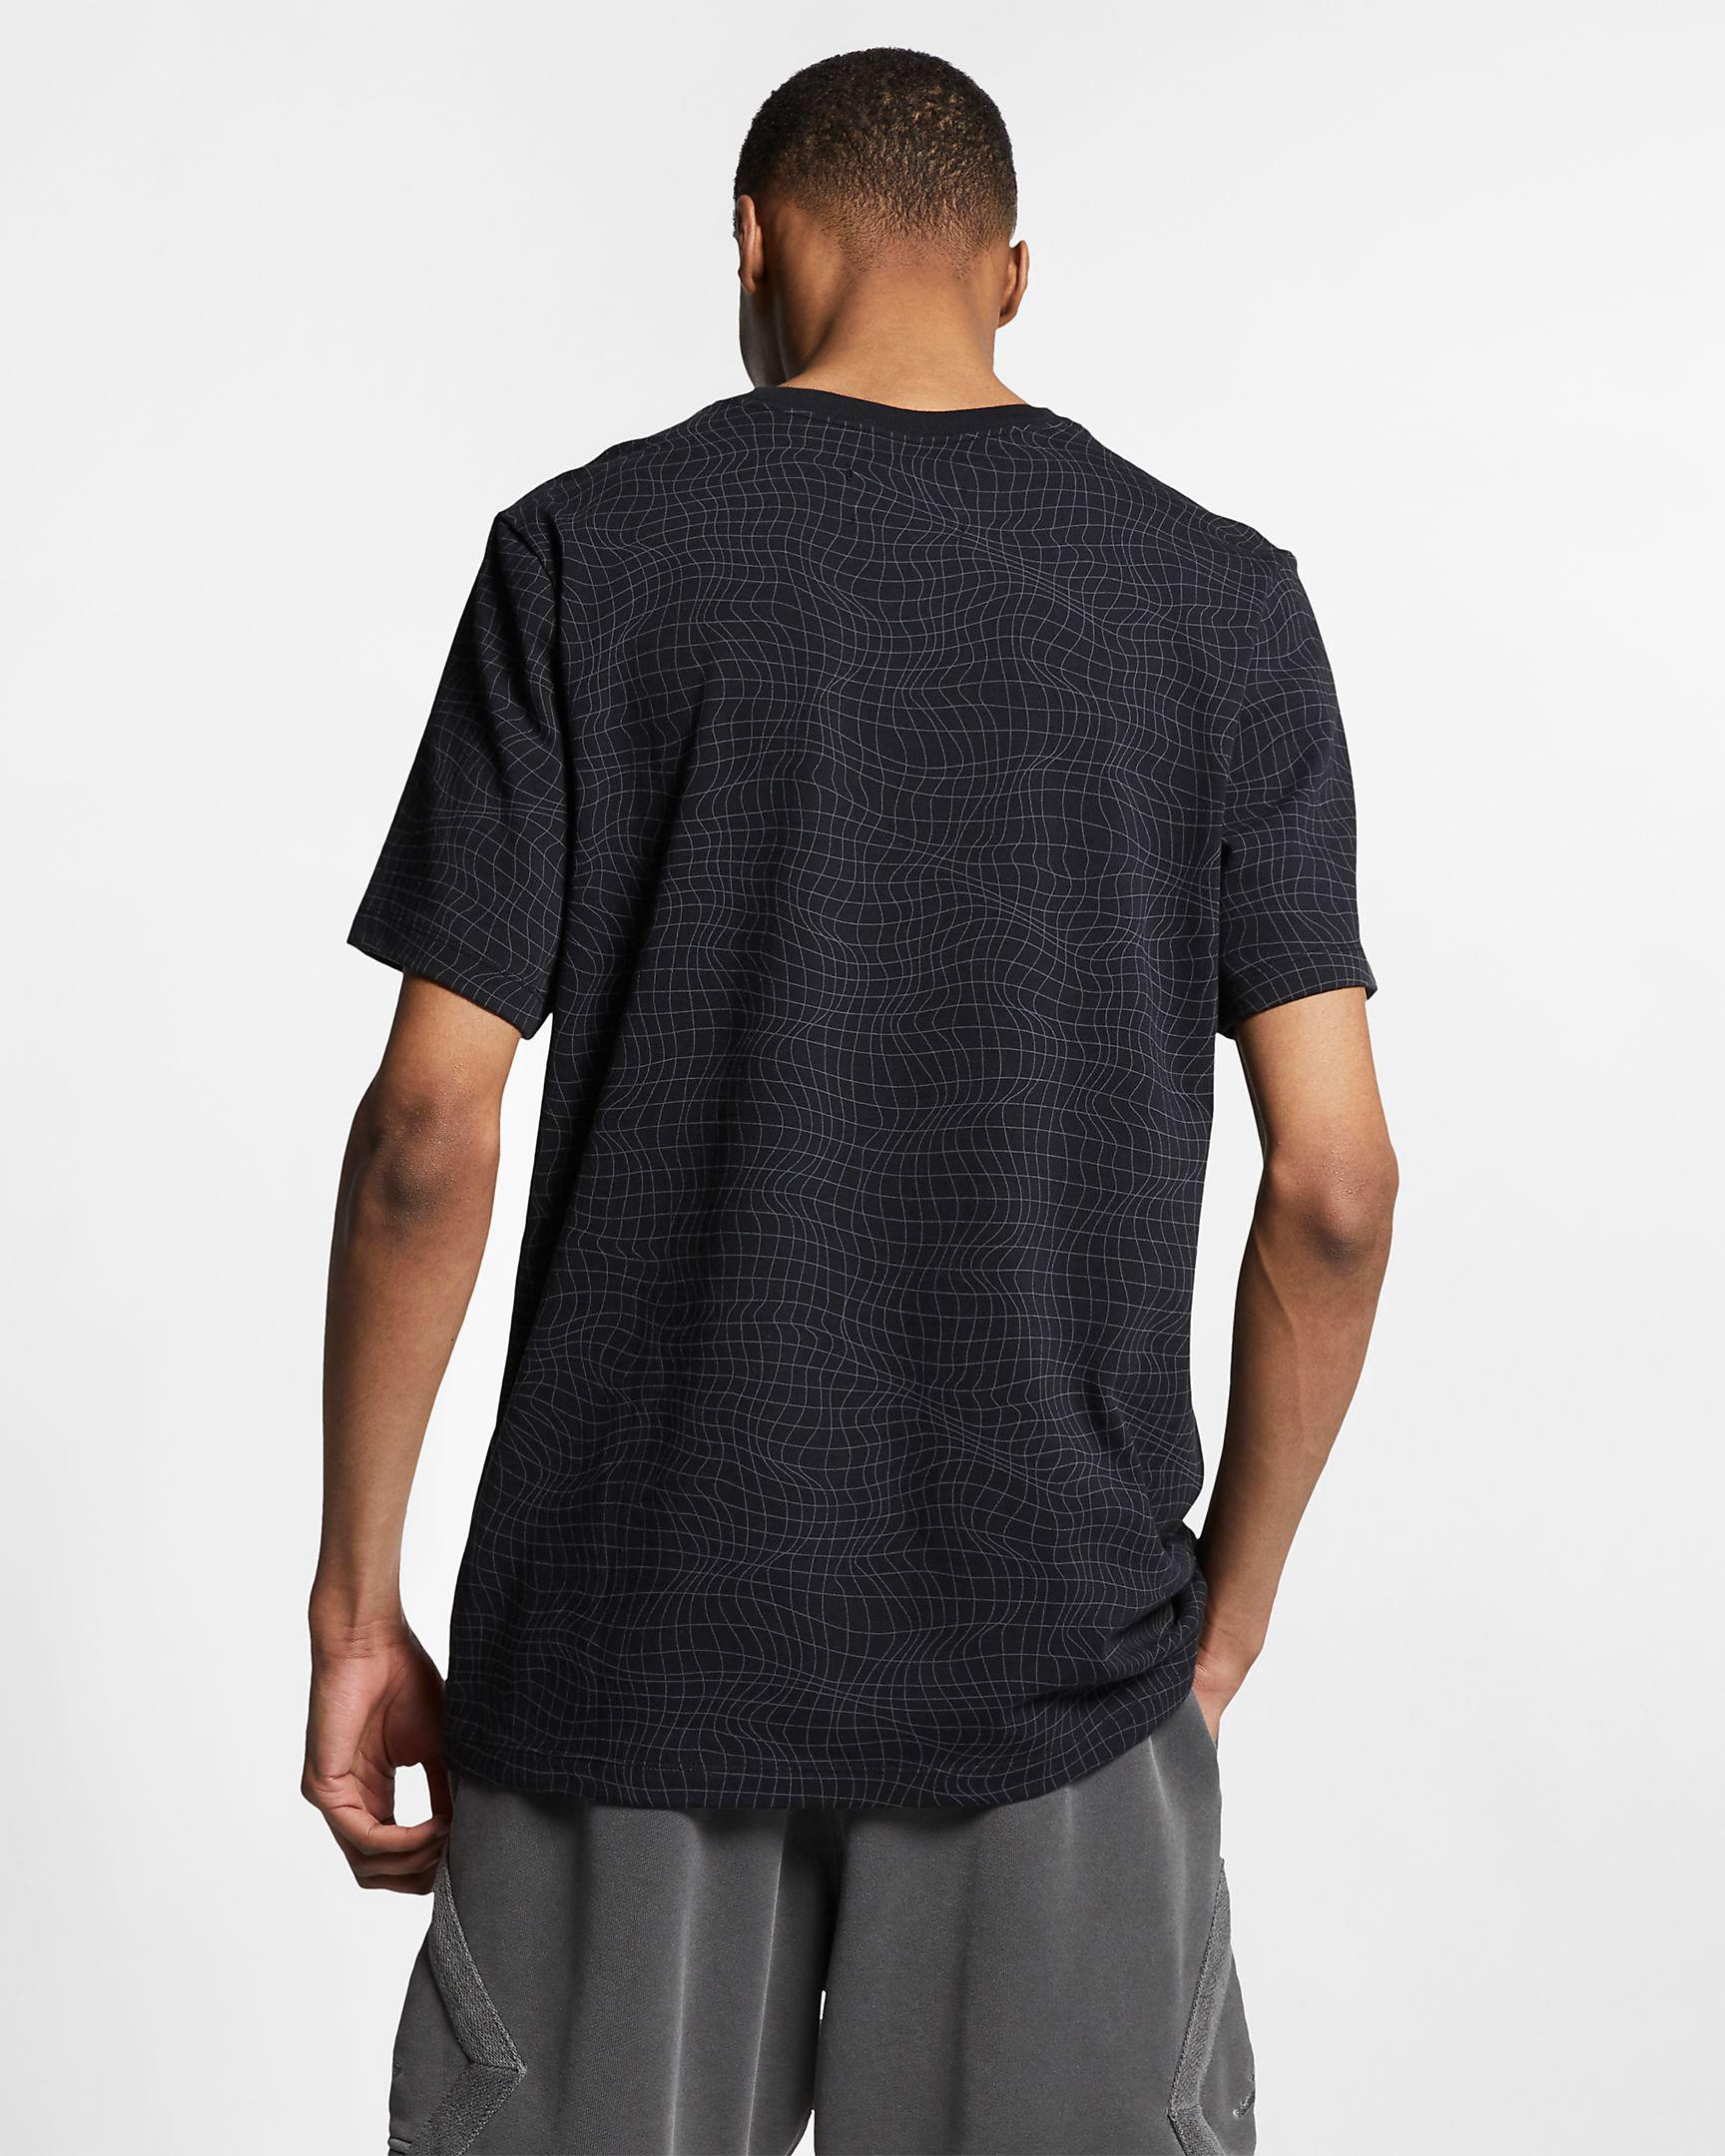 jordan-4-bred-cement-2019-shirt-2